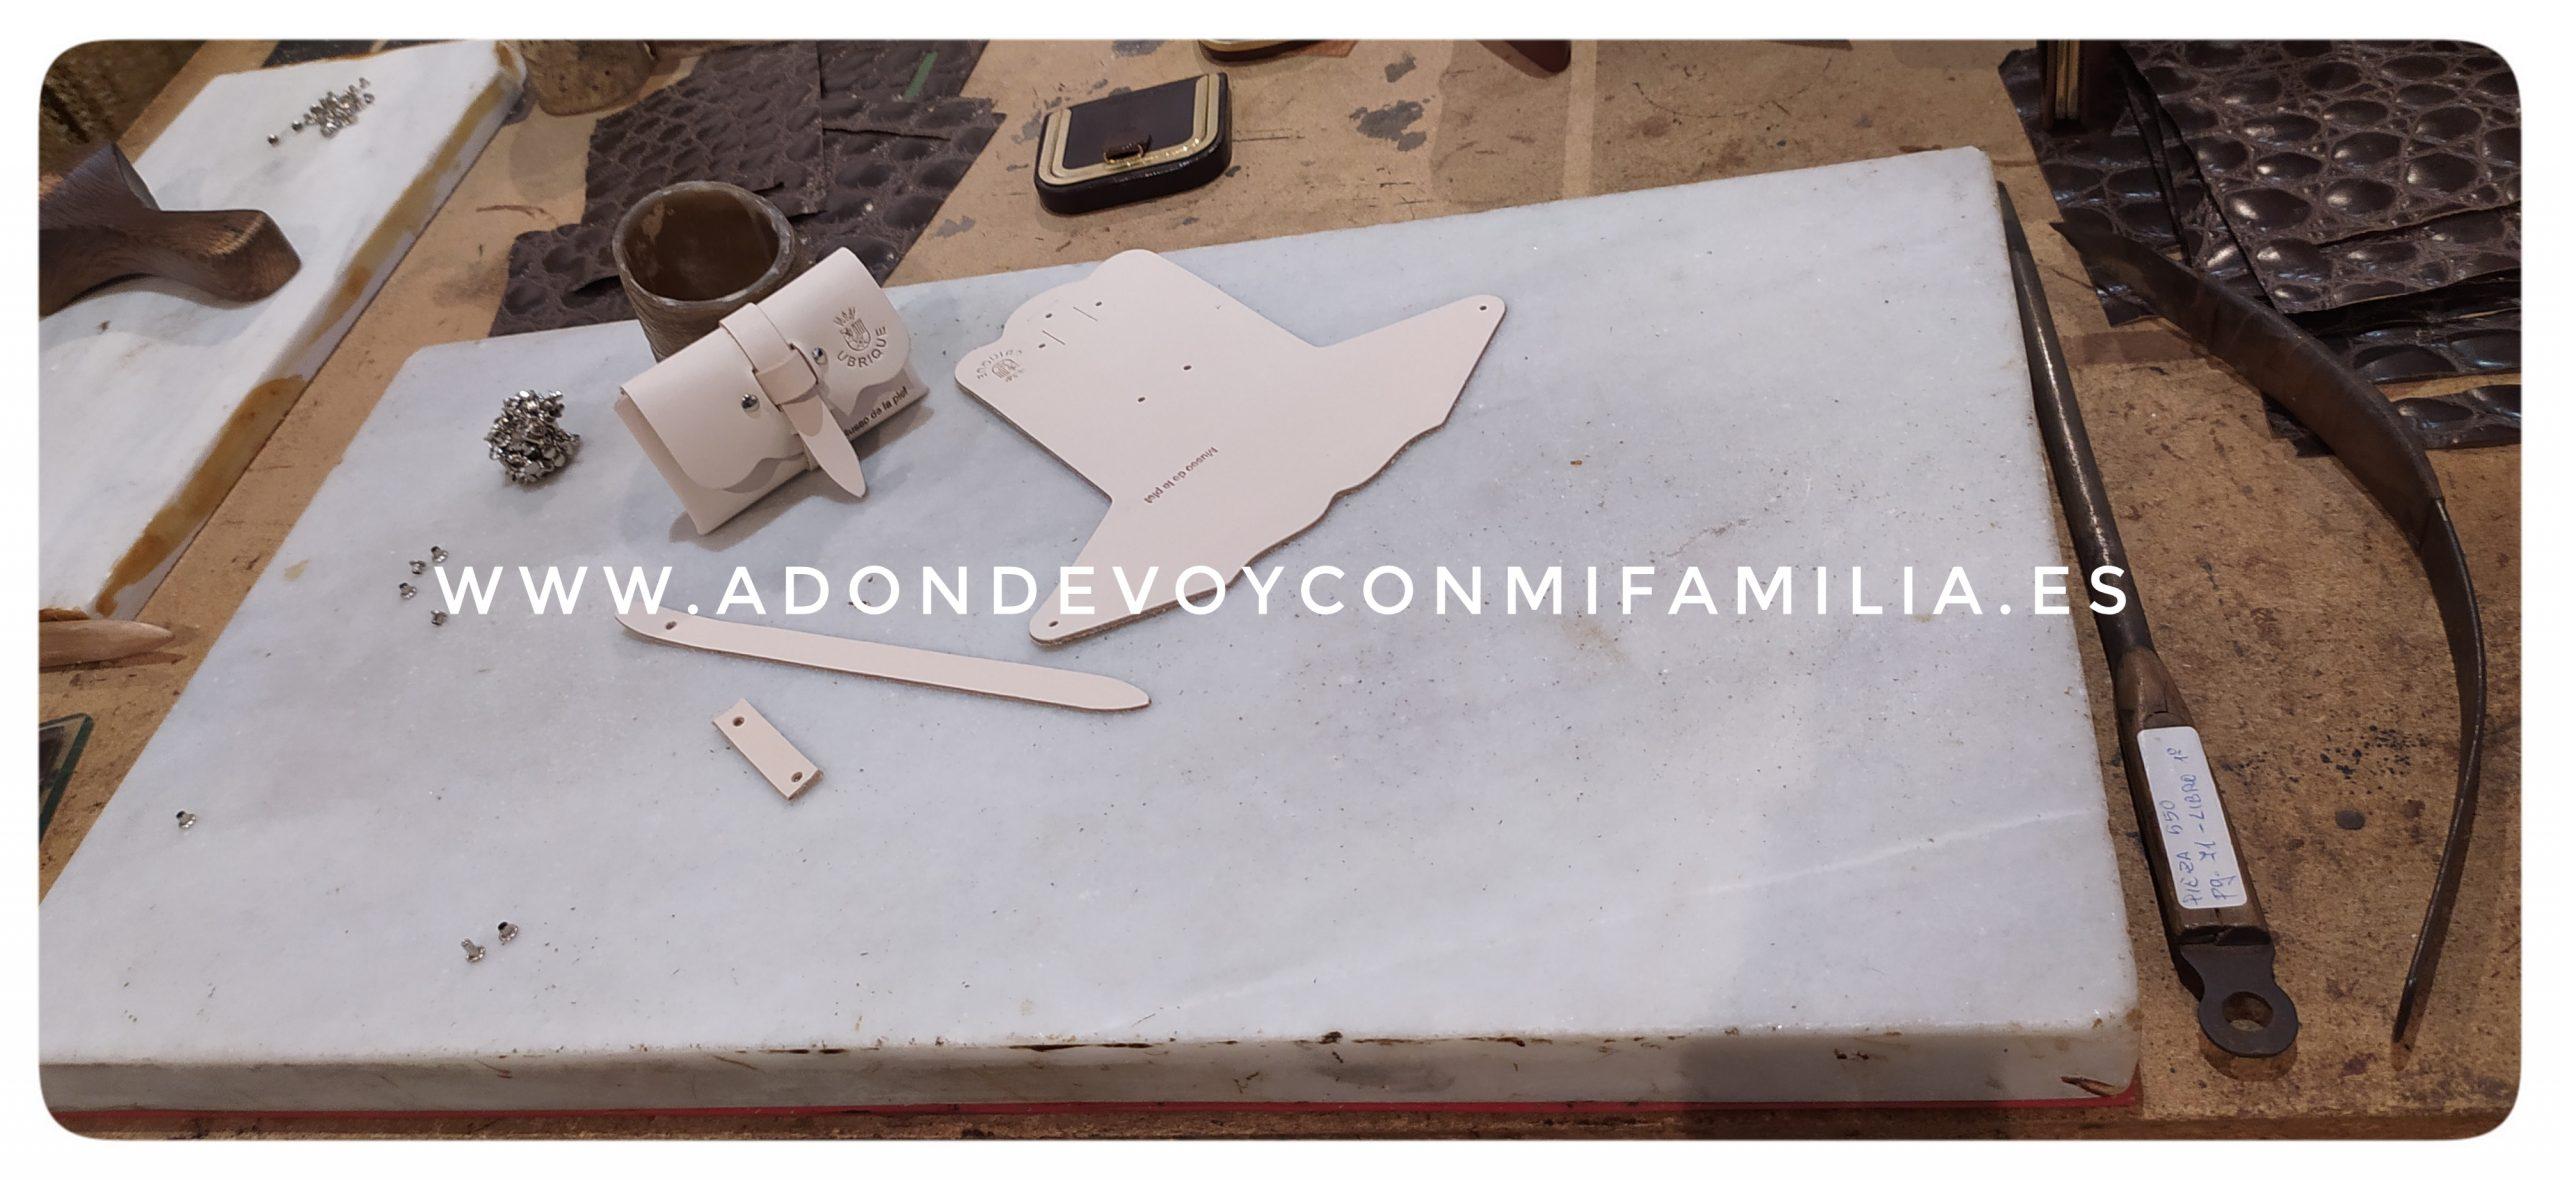 museo de la piel ubrique adondevoyconmifamilia (5)